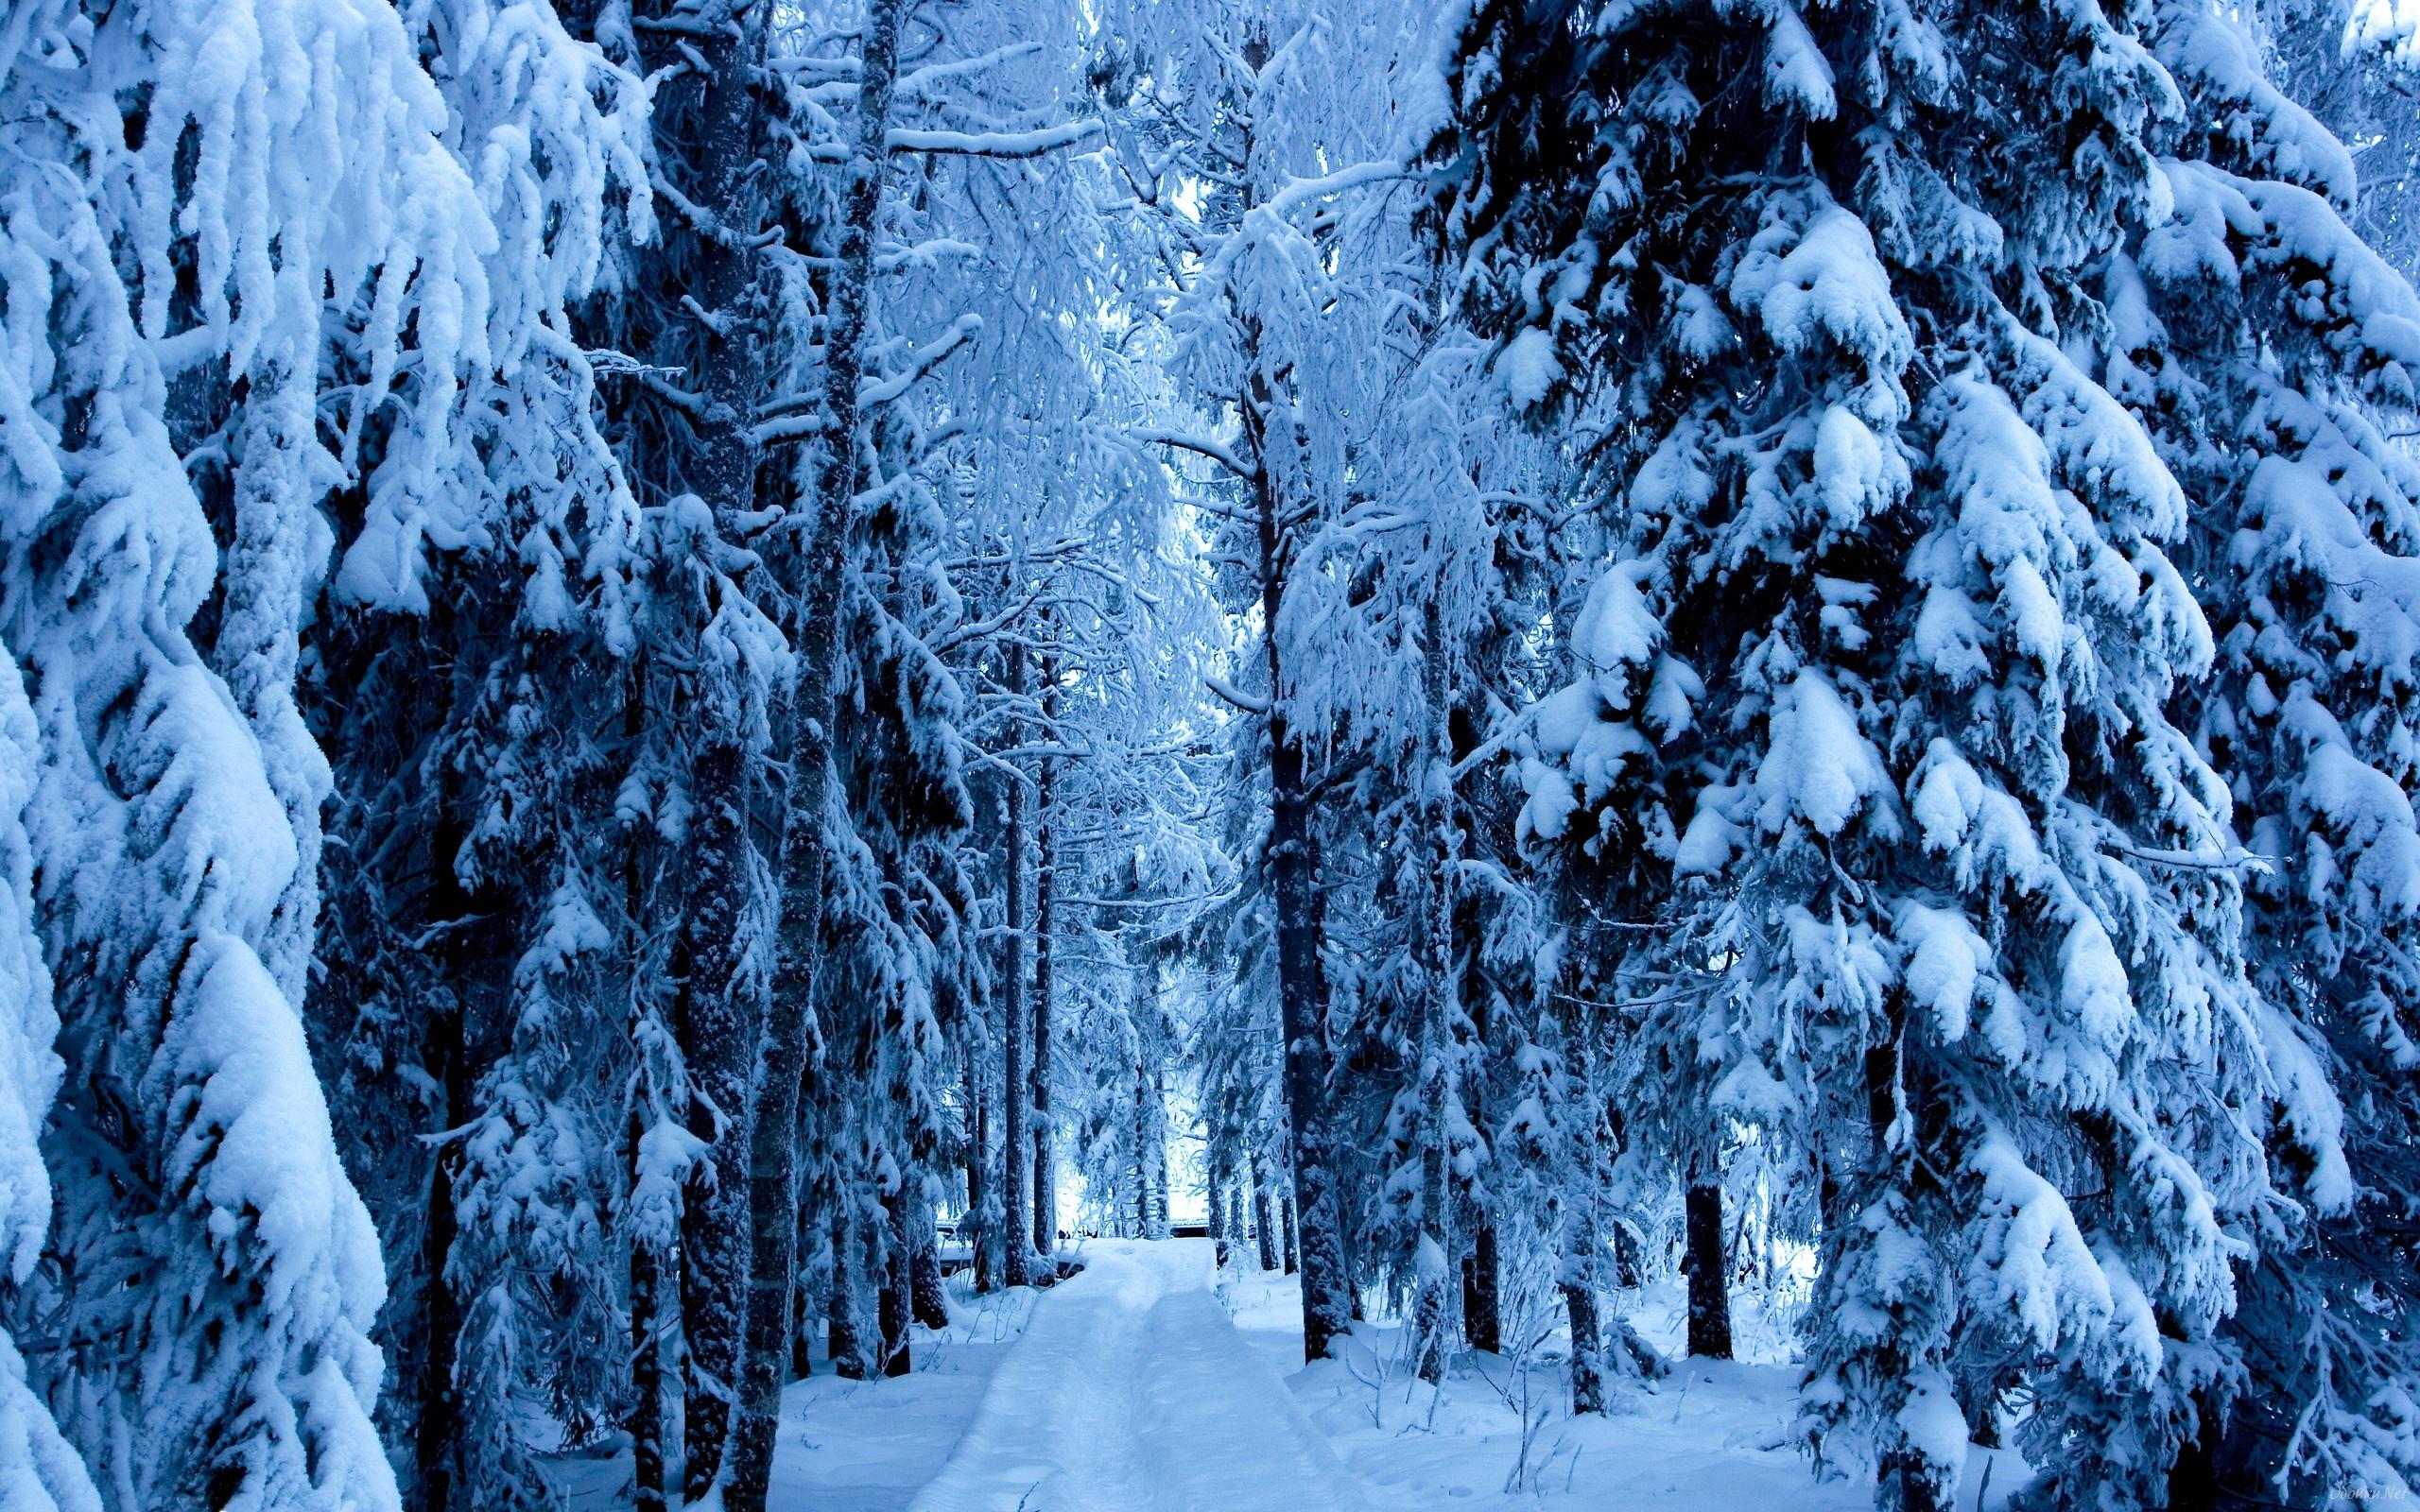 Winter snowy forest wallpaper HD Desktop Wallpaper 2560x1600